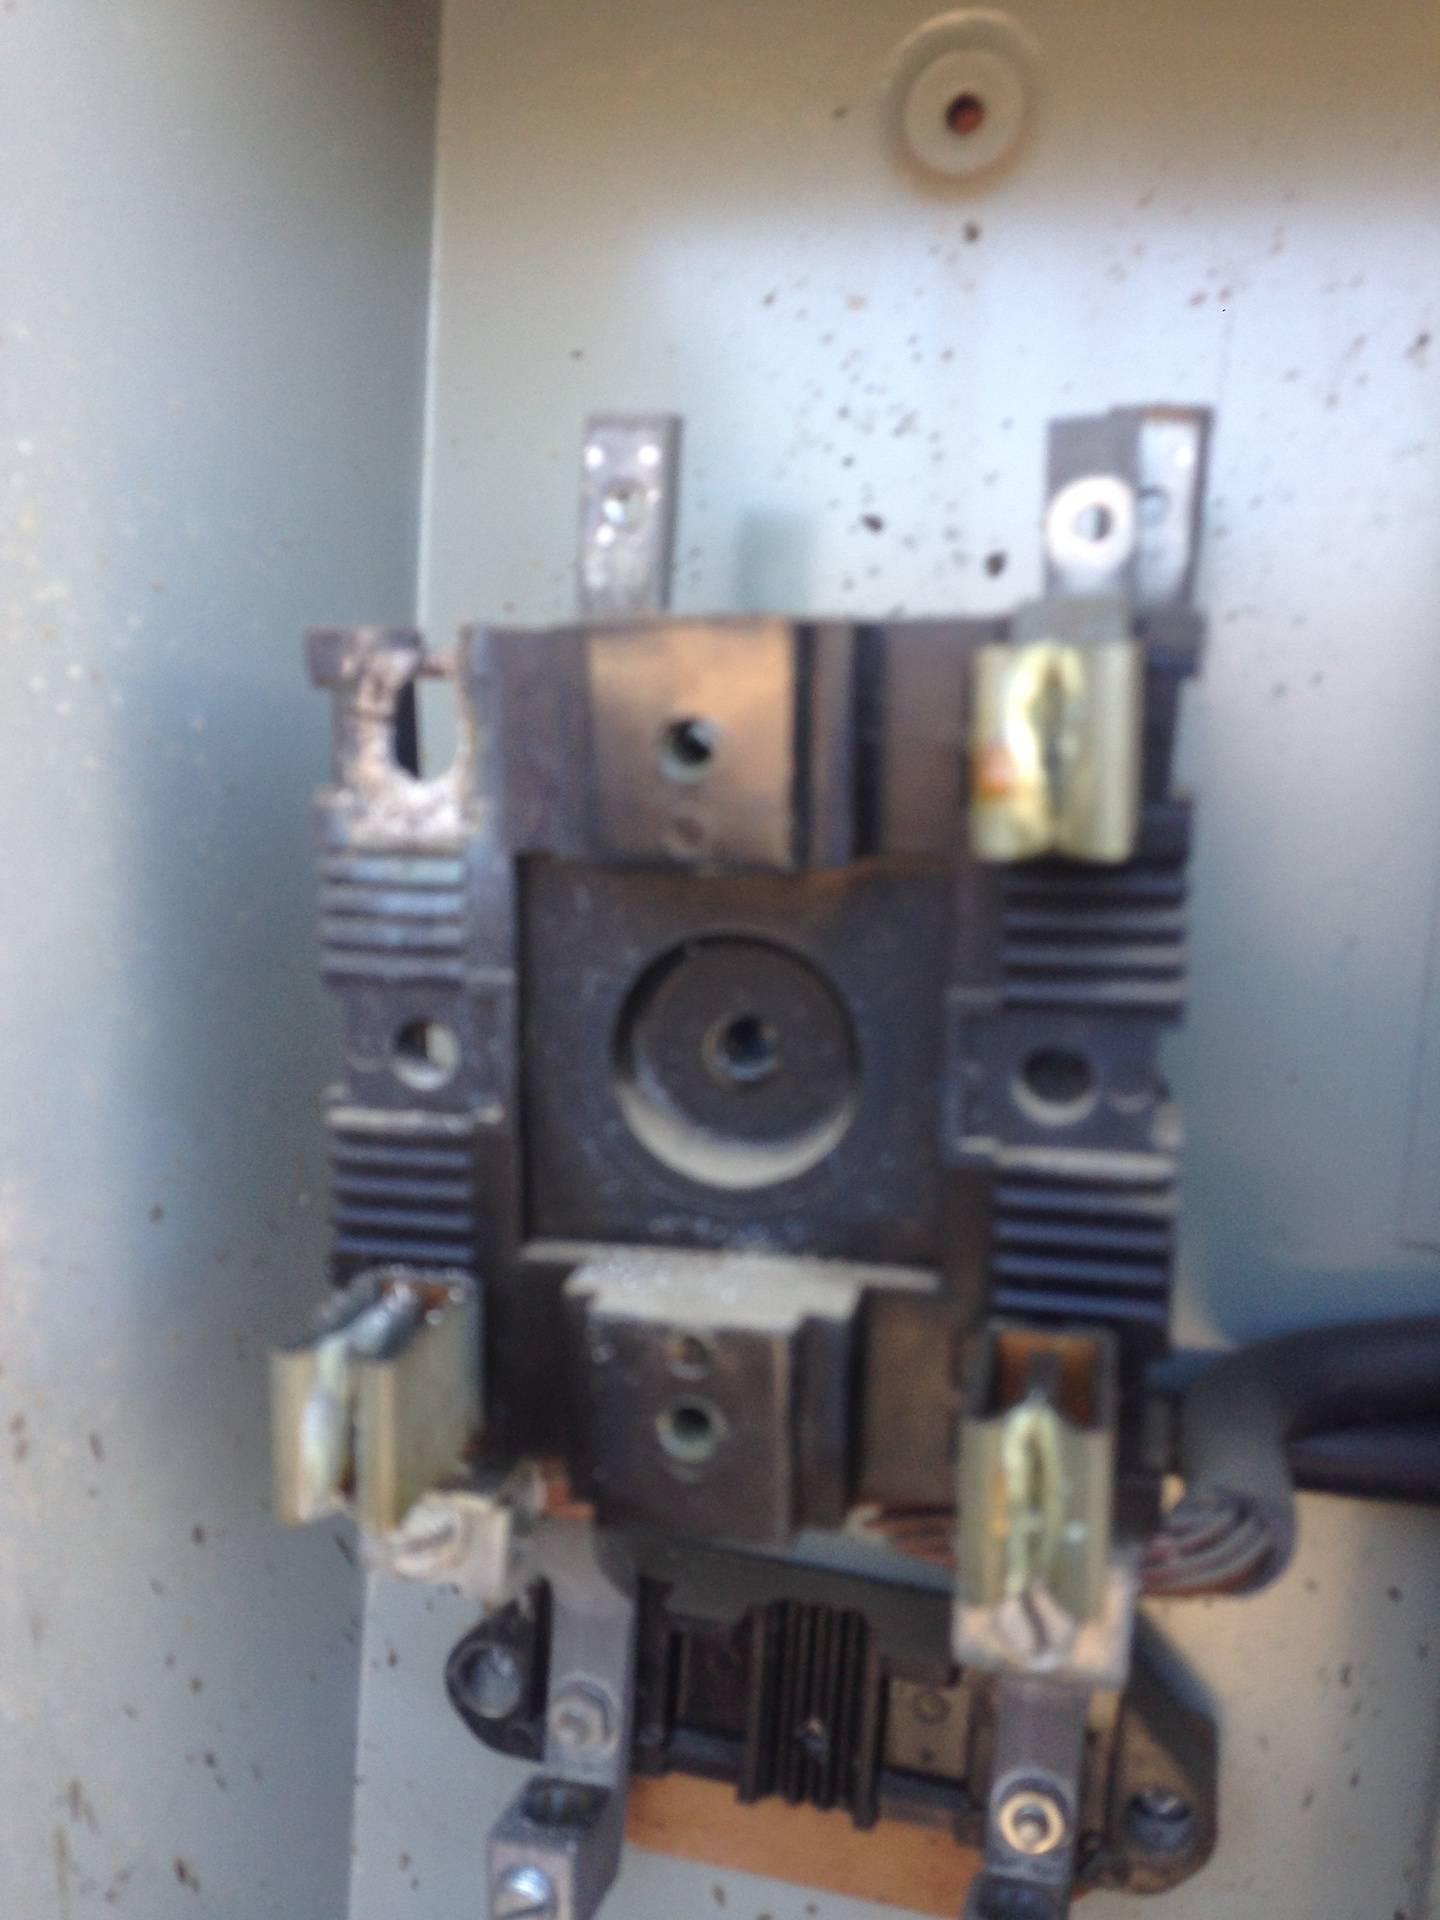 Service Panel Meter Socket Repair